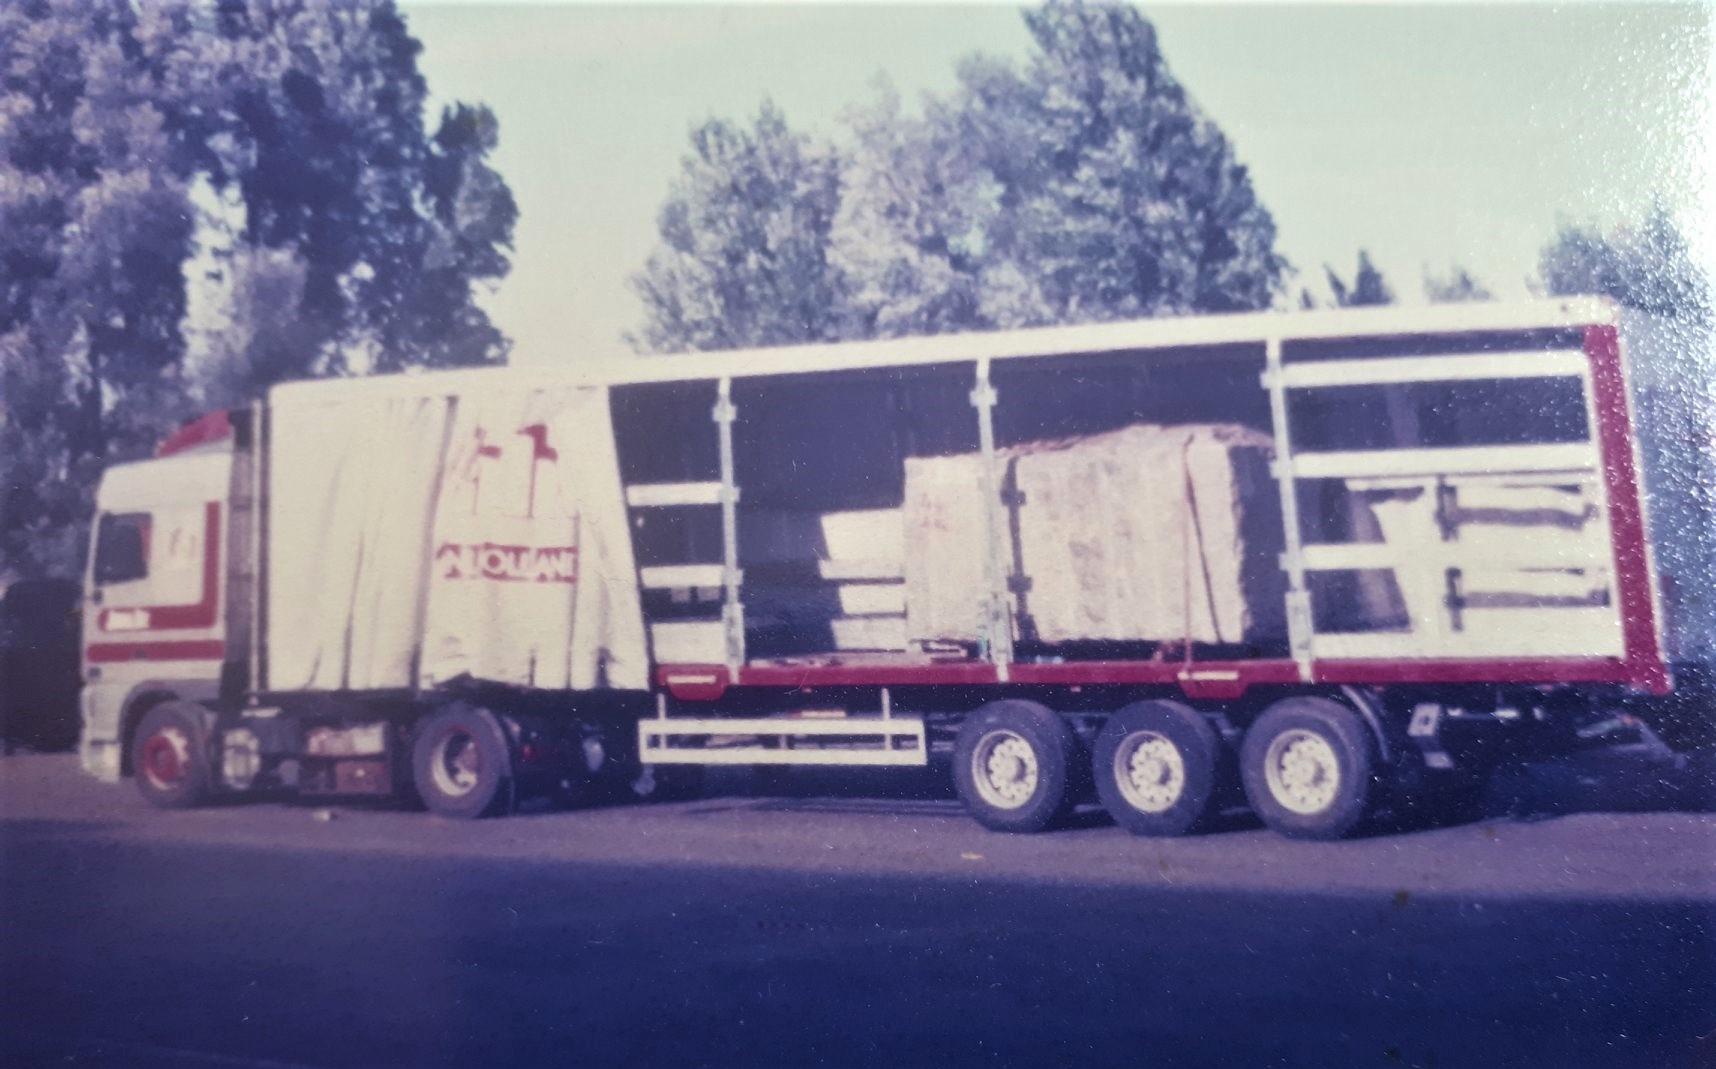 jans--Steentje-laden-van-20-ton.-Jan-van-Leendert-foto